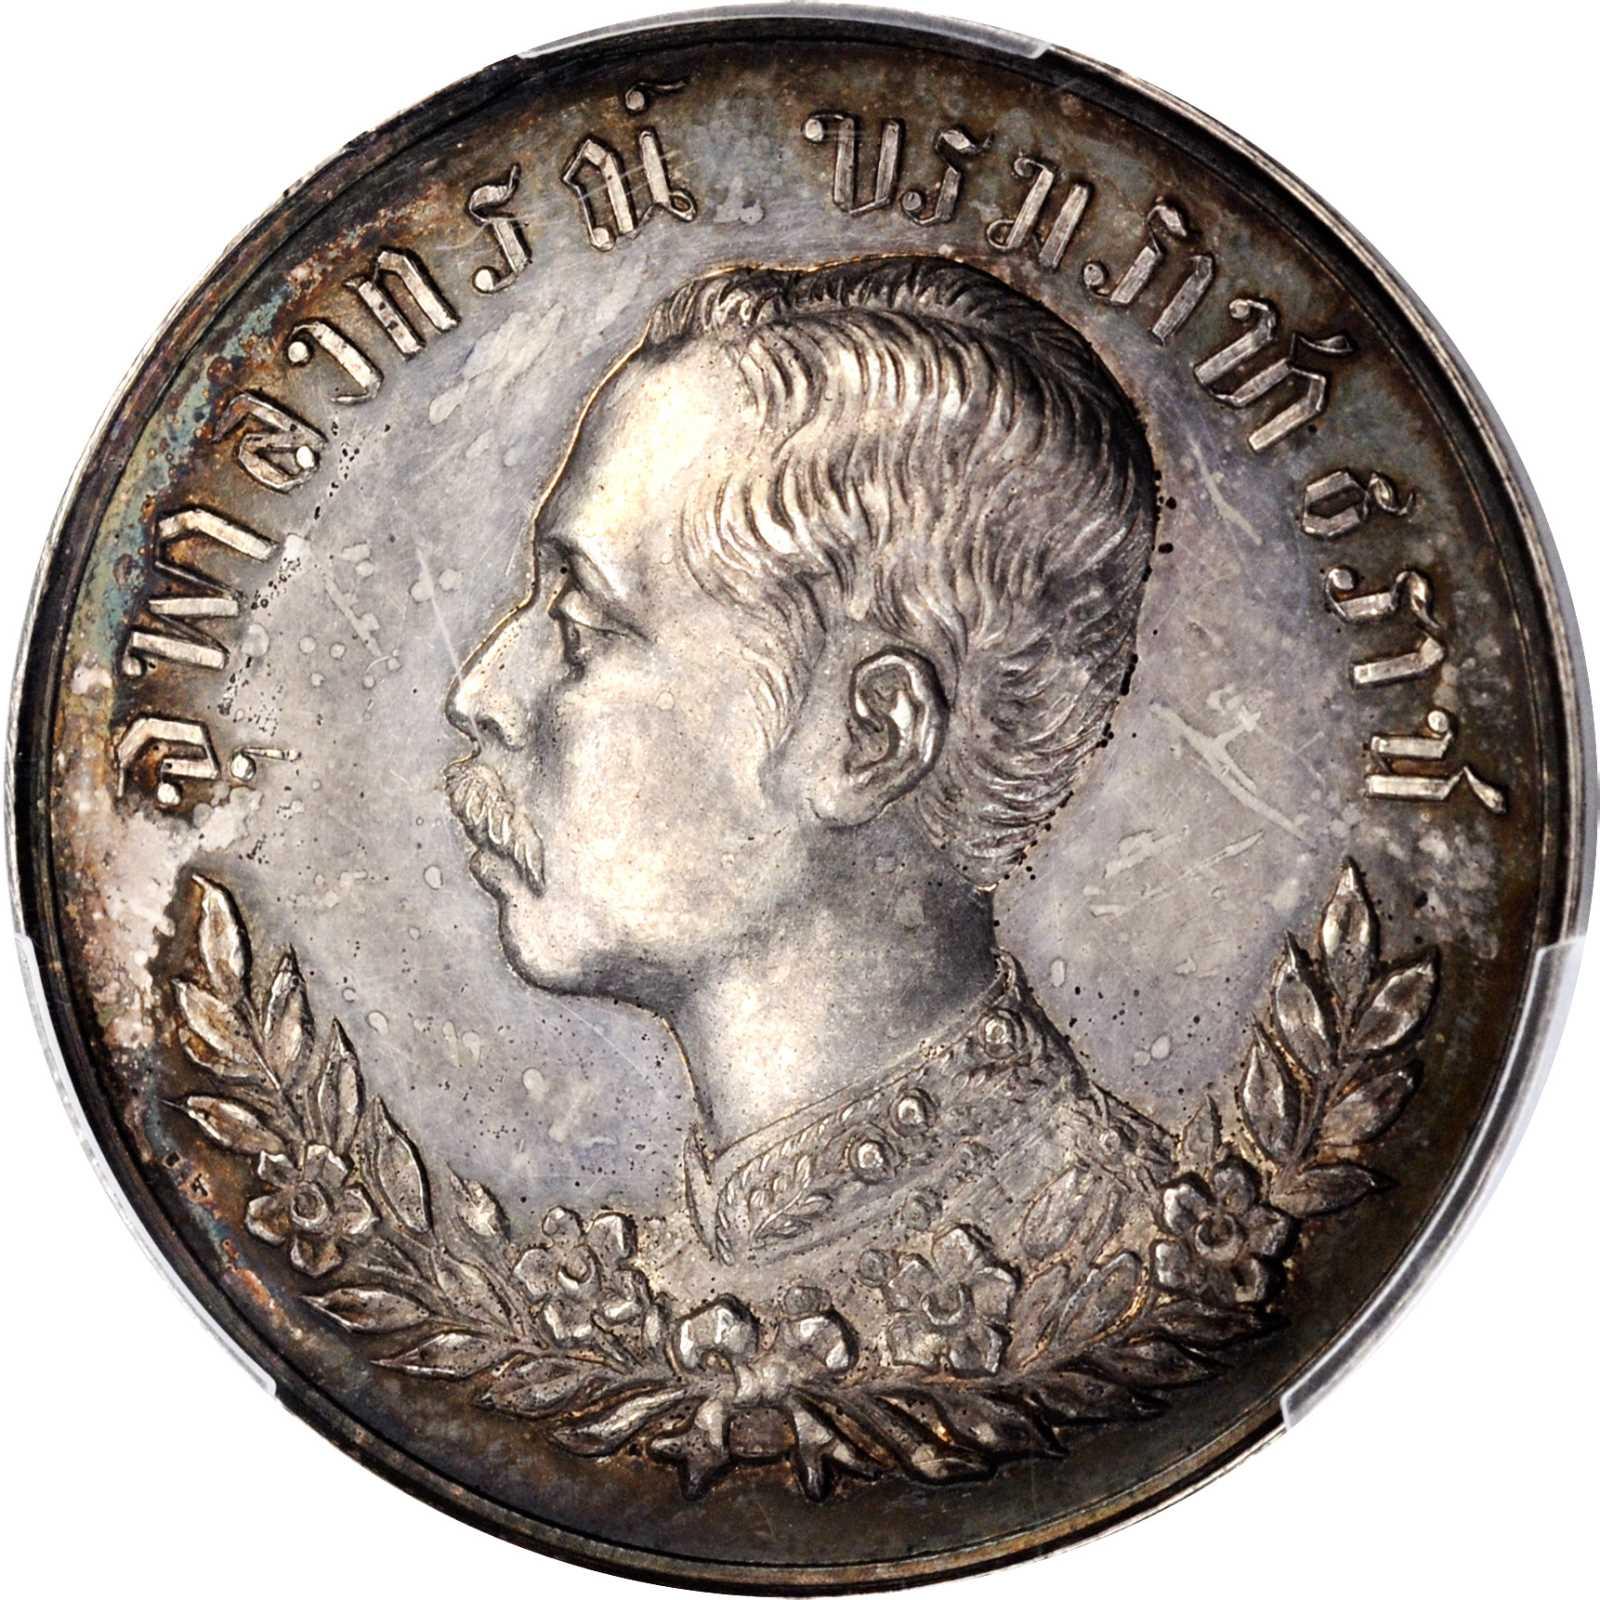 英属印度银币1卢比图文赏析